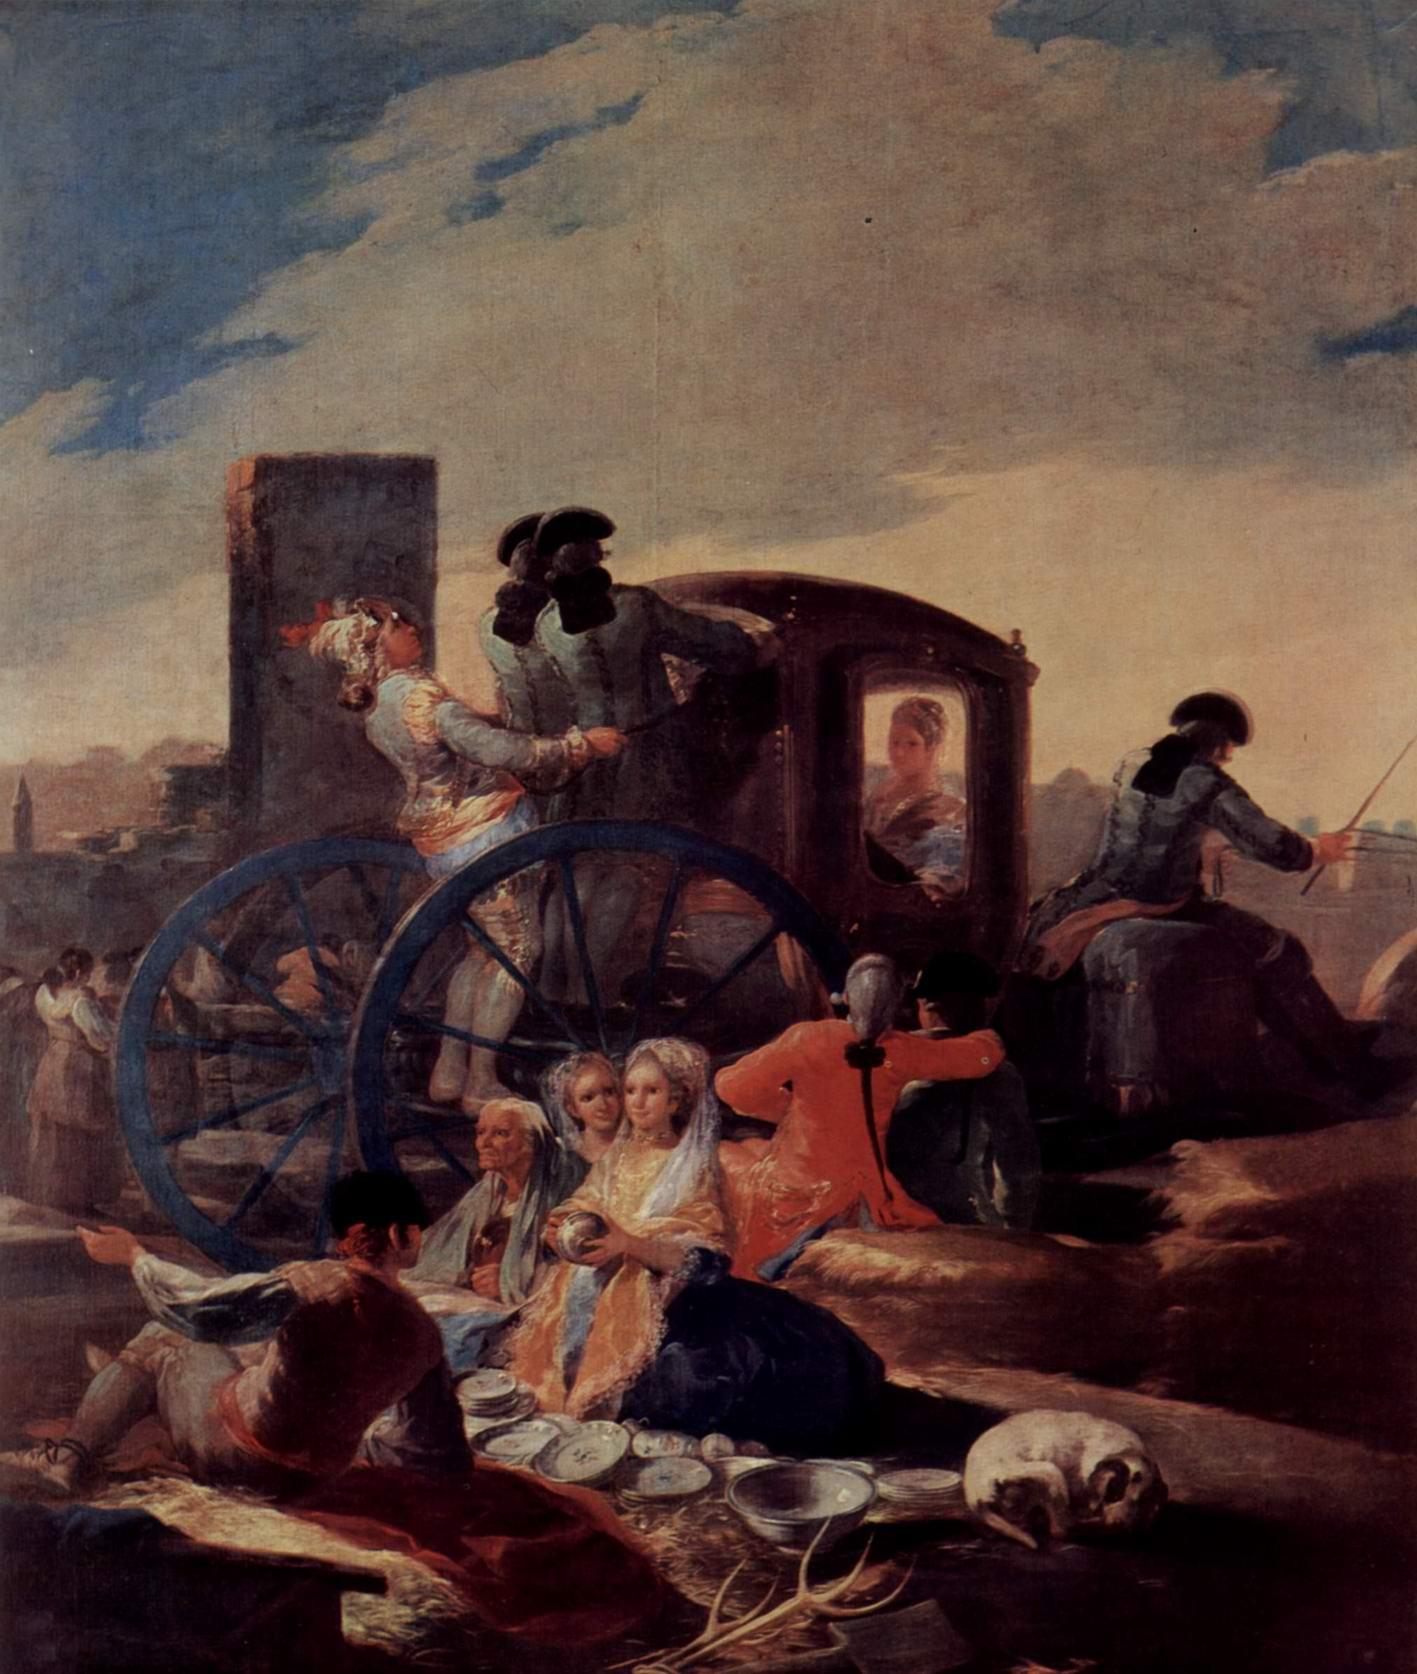 Эскизы гобеленов для королевских дворцов Прадо и Эскориал. Продавец посуды, Франсиско де Гойя-и-Лусьентес